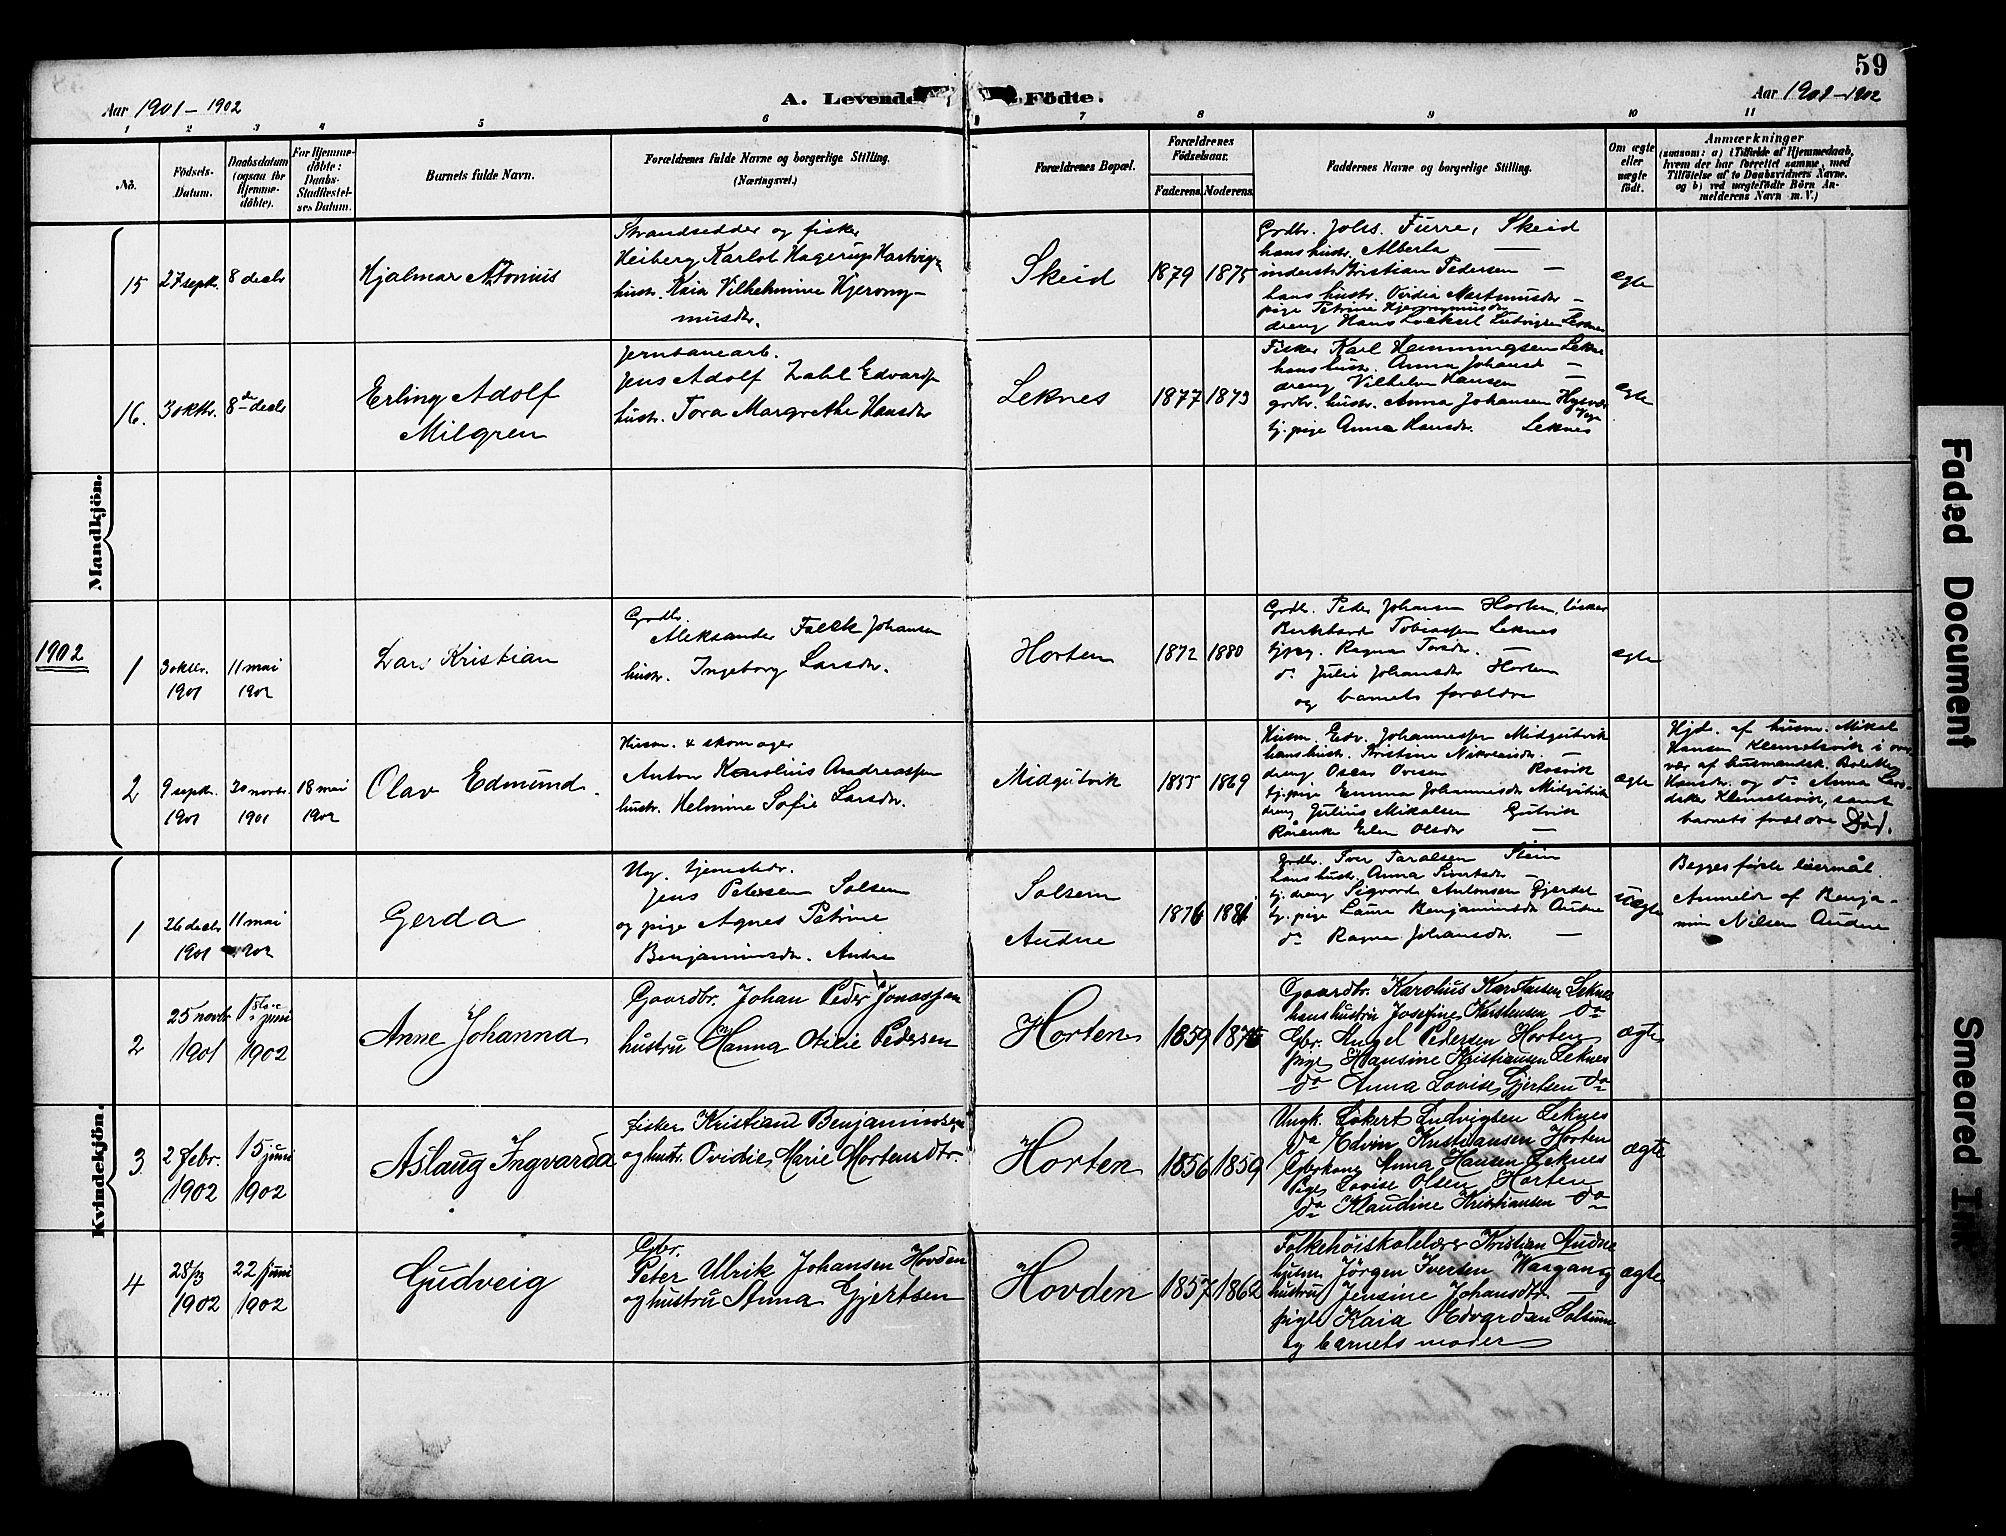 SAT, Ministerialprotokoller, klokkerbøker og fødselsregistre - Nord-Trøndelag, 788/L0701: Klokkerbok nr. 788C01, 1888-1913, s. 59